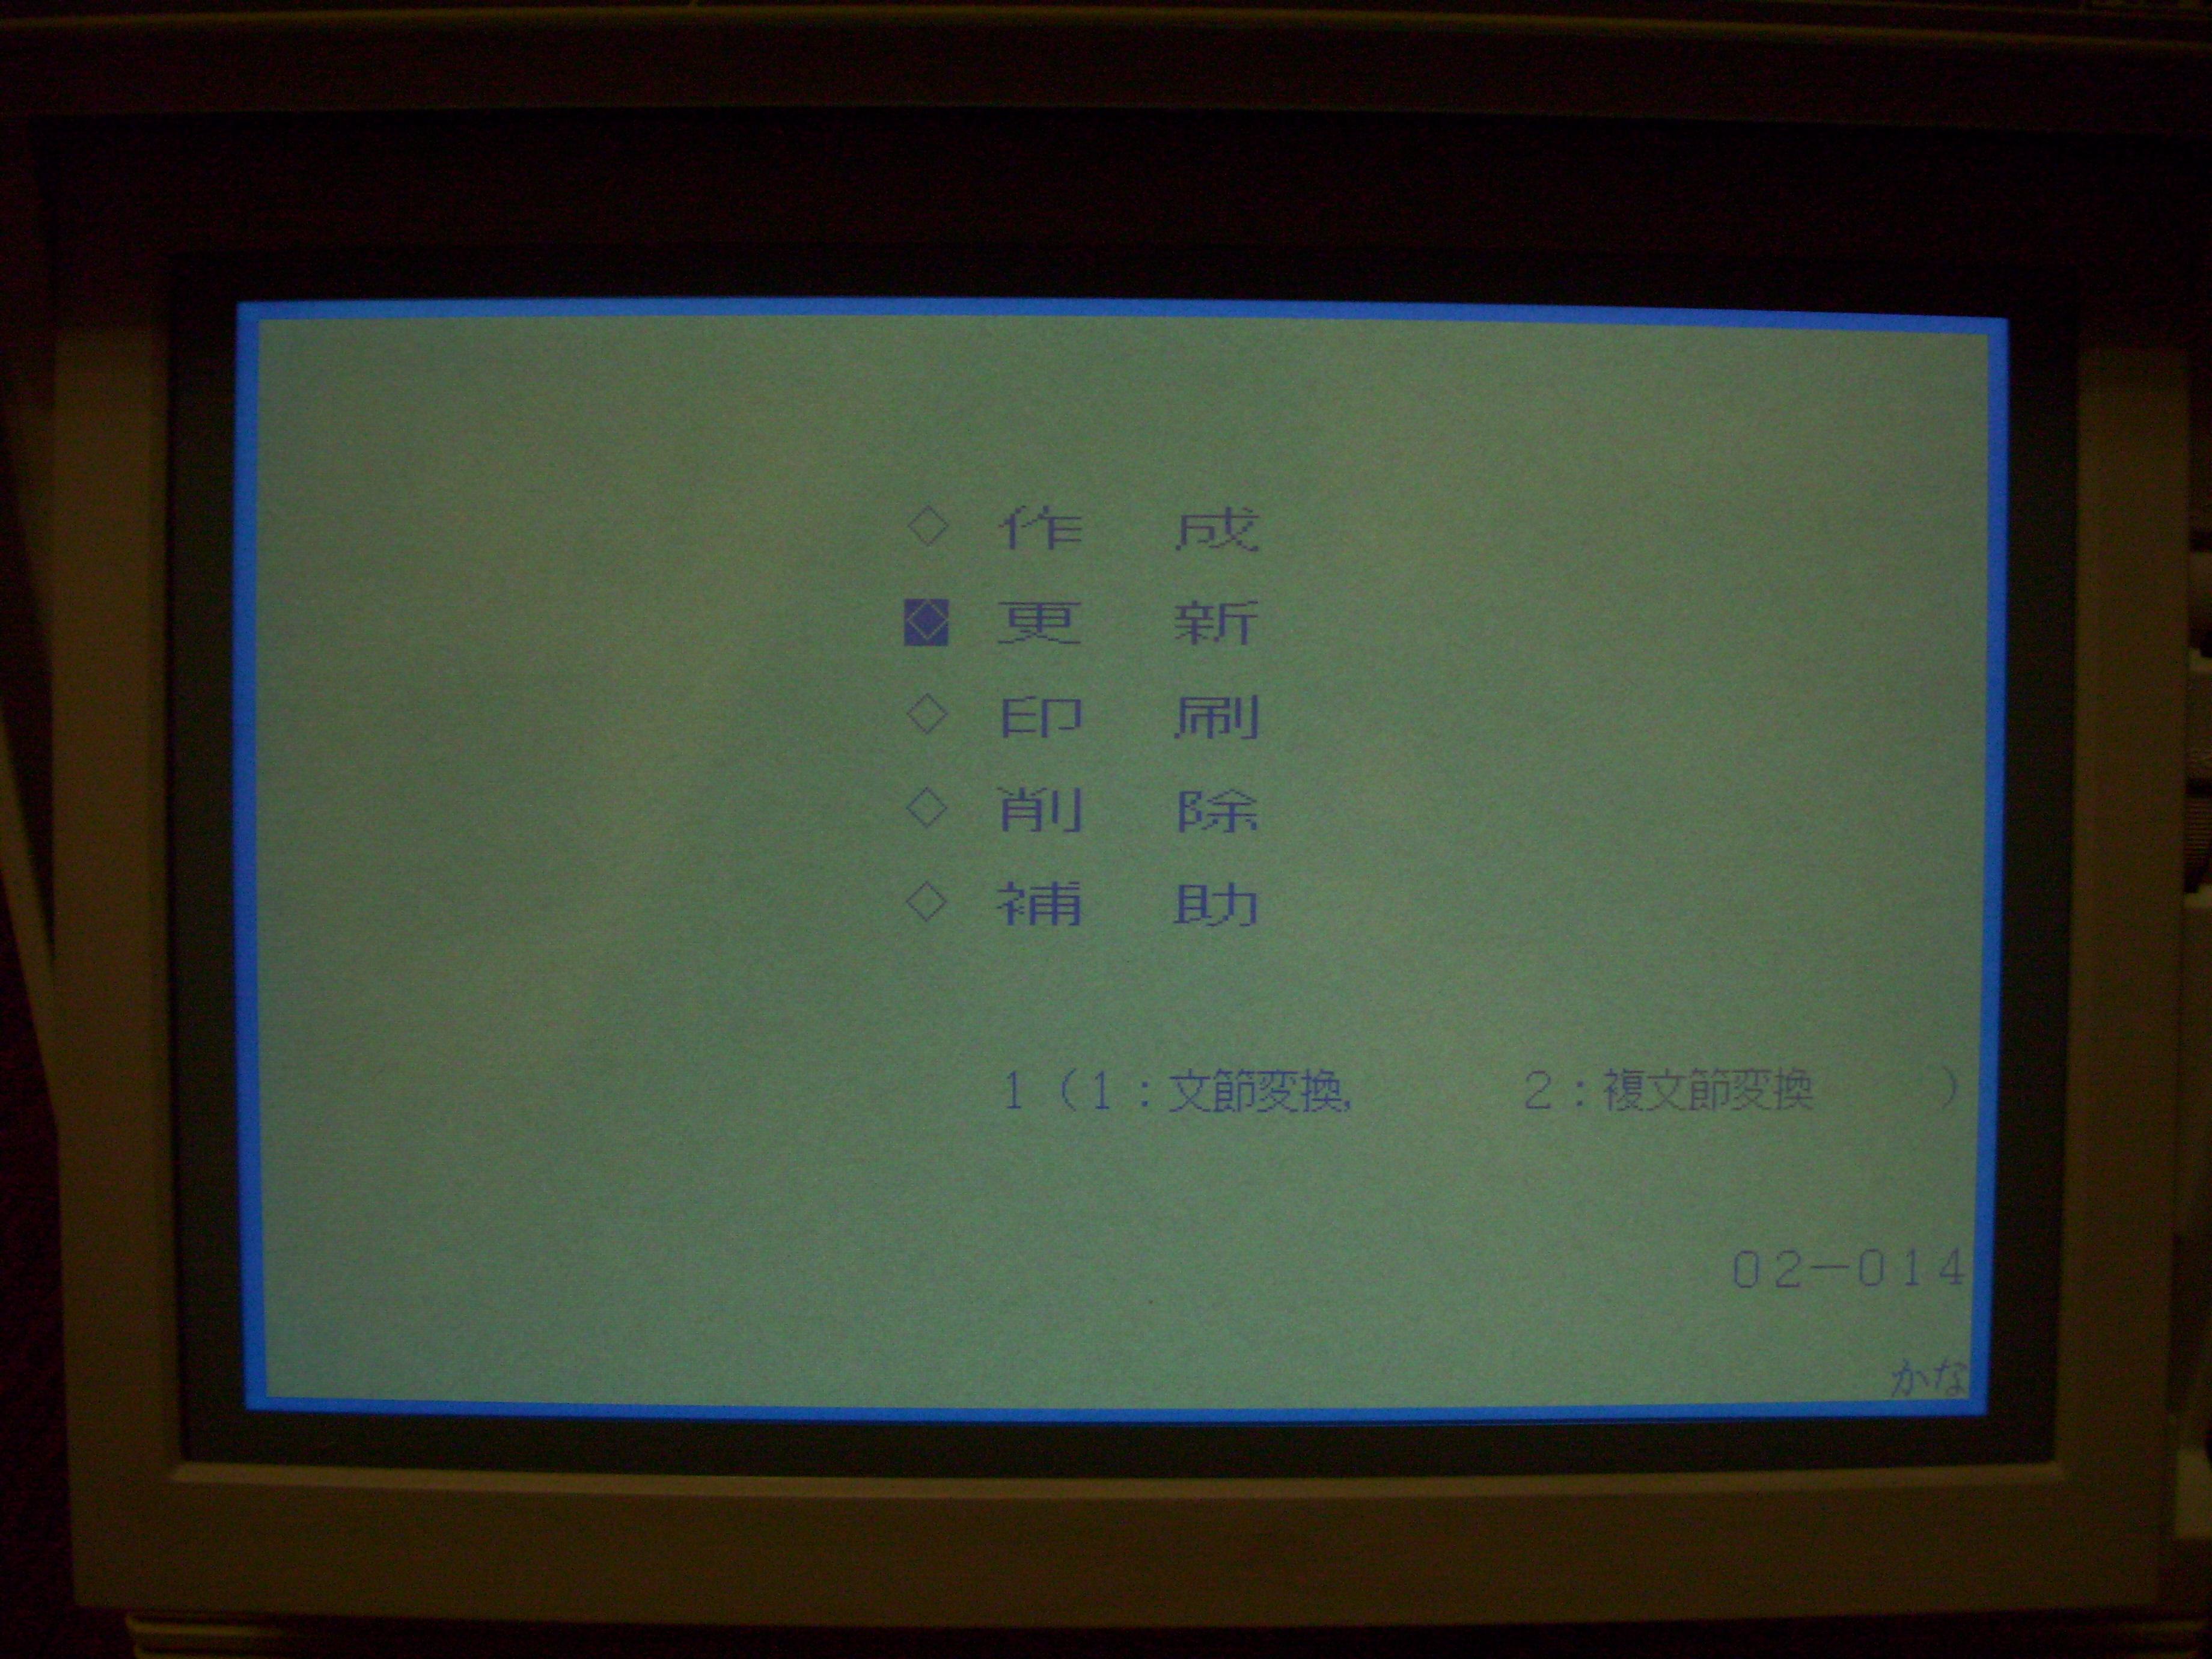 японский текстовый редактор андроид компания